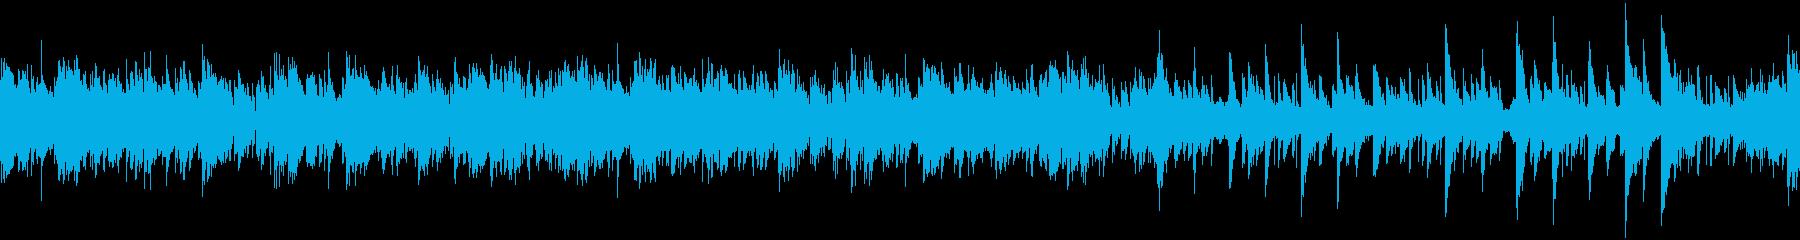 ドヴォルザーク新世界「家路」クラブEDMの再生済みの波形